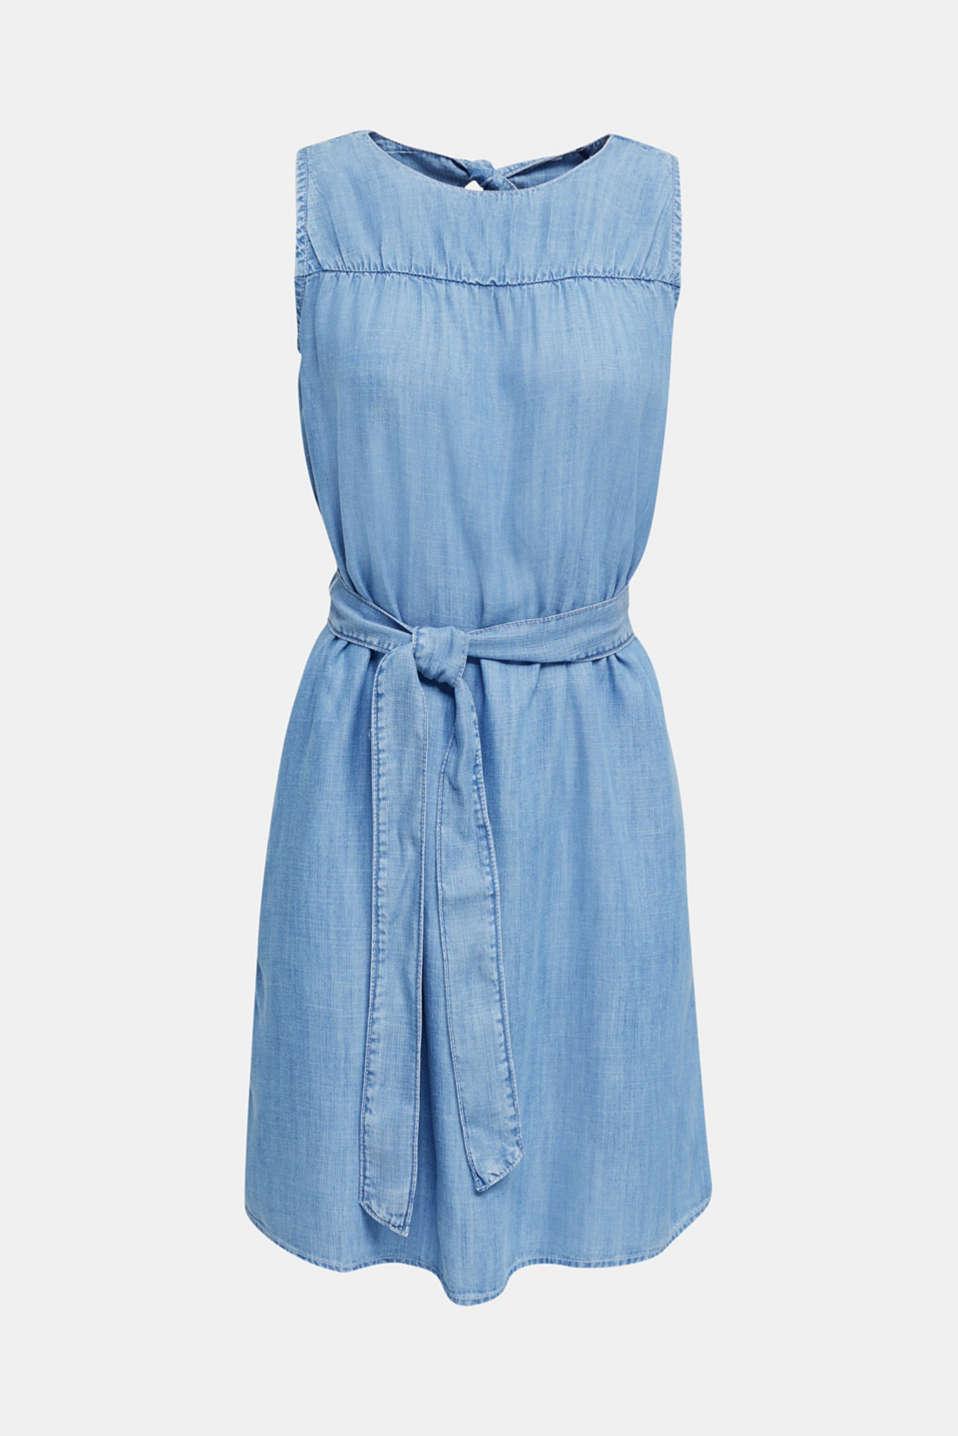 Denim dress made of lyocell, BLUE LIGHT WASH, detail image number 7